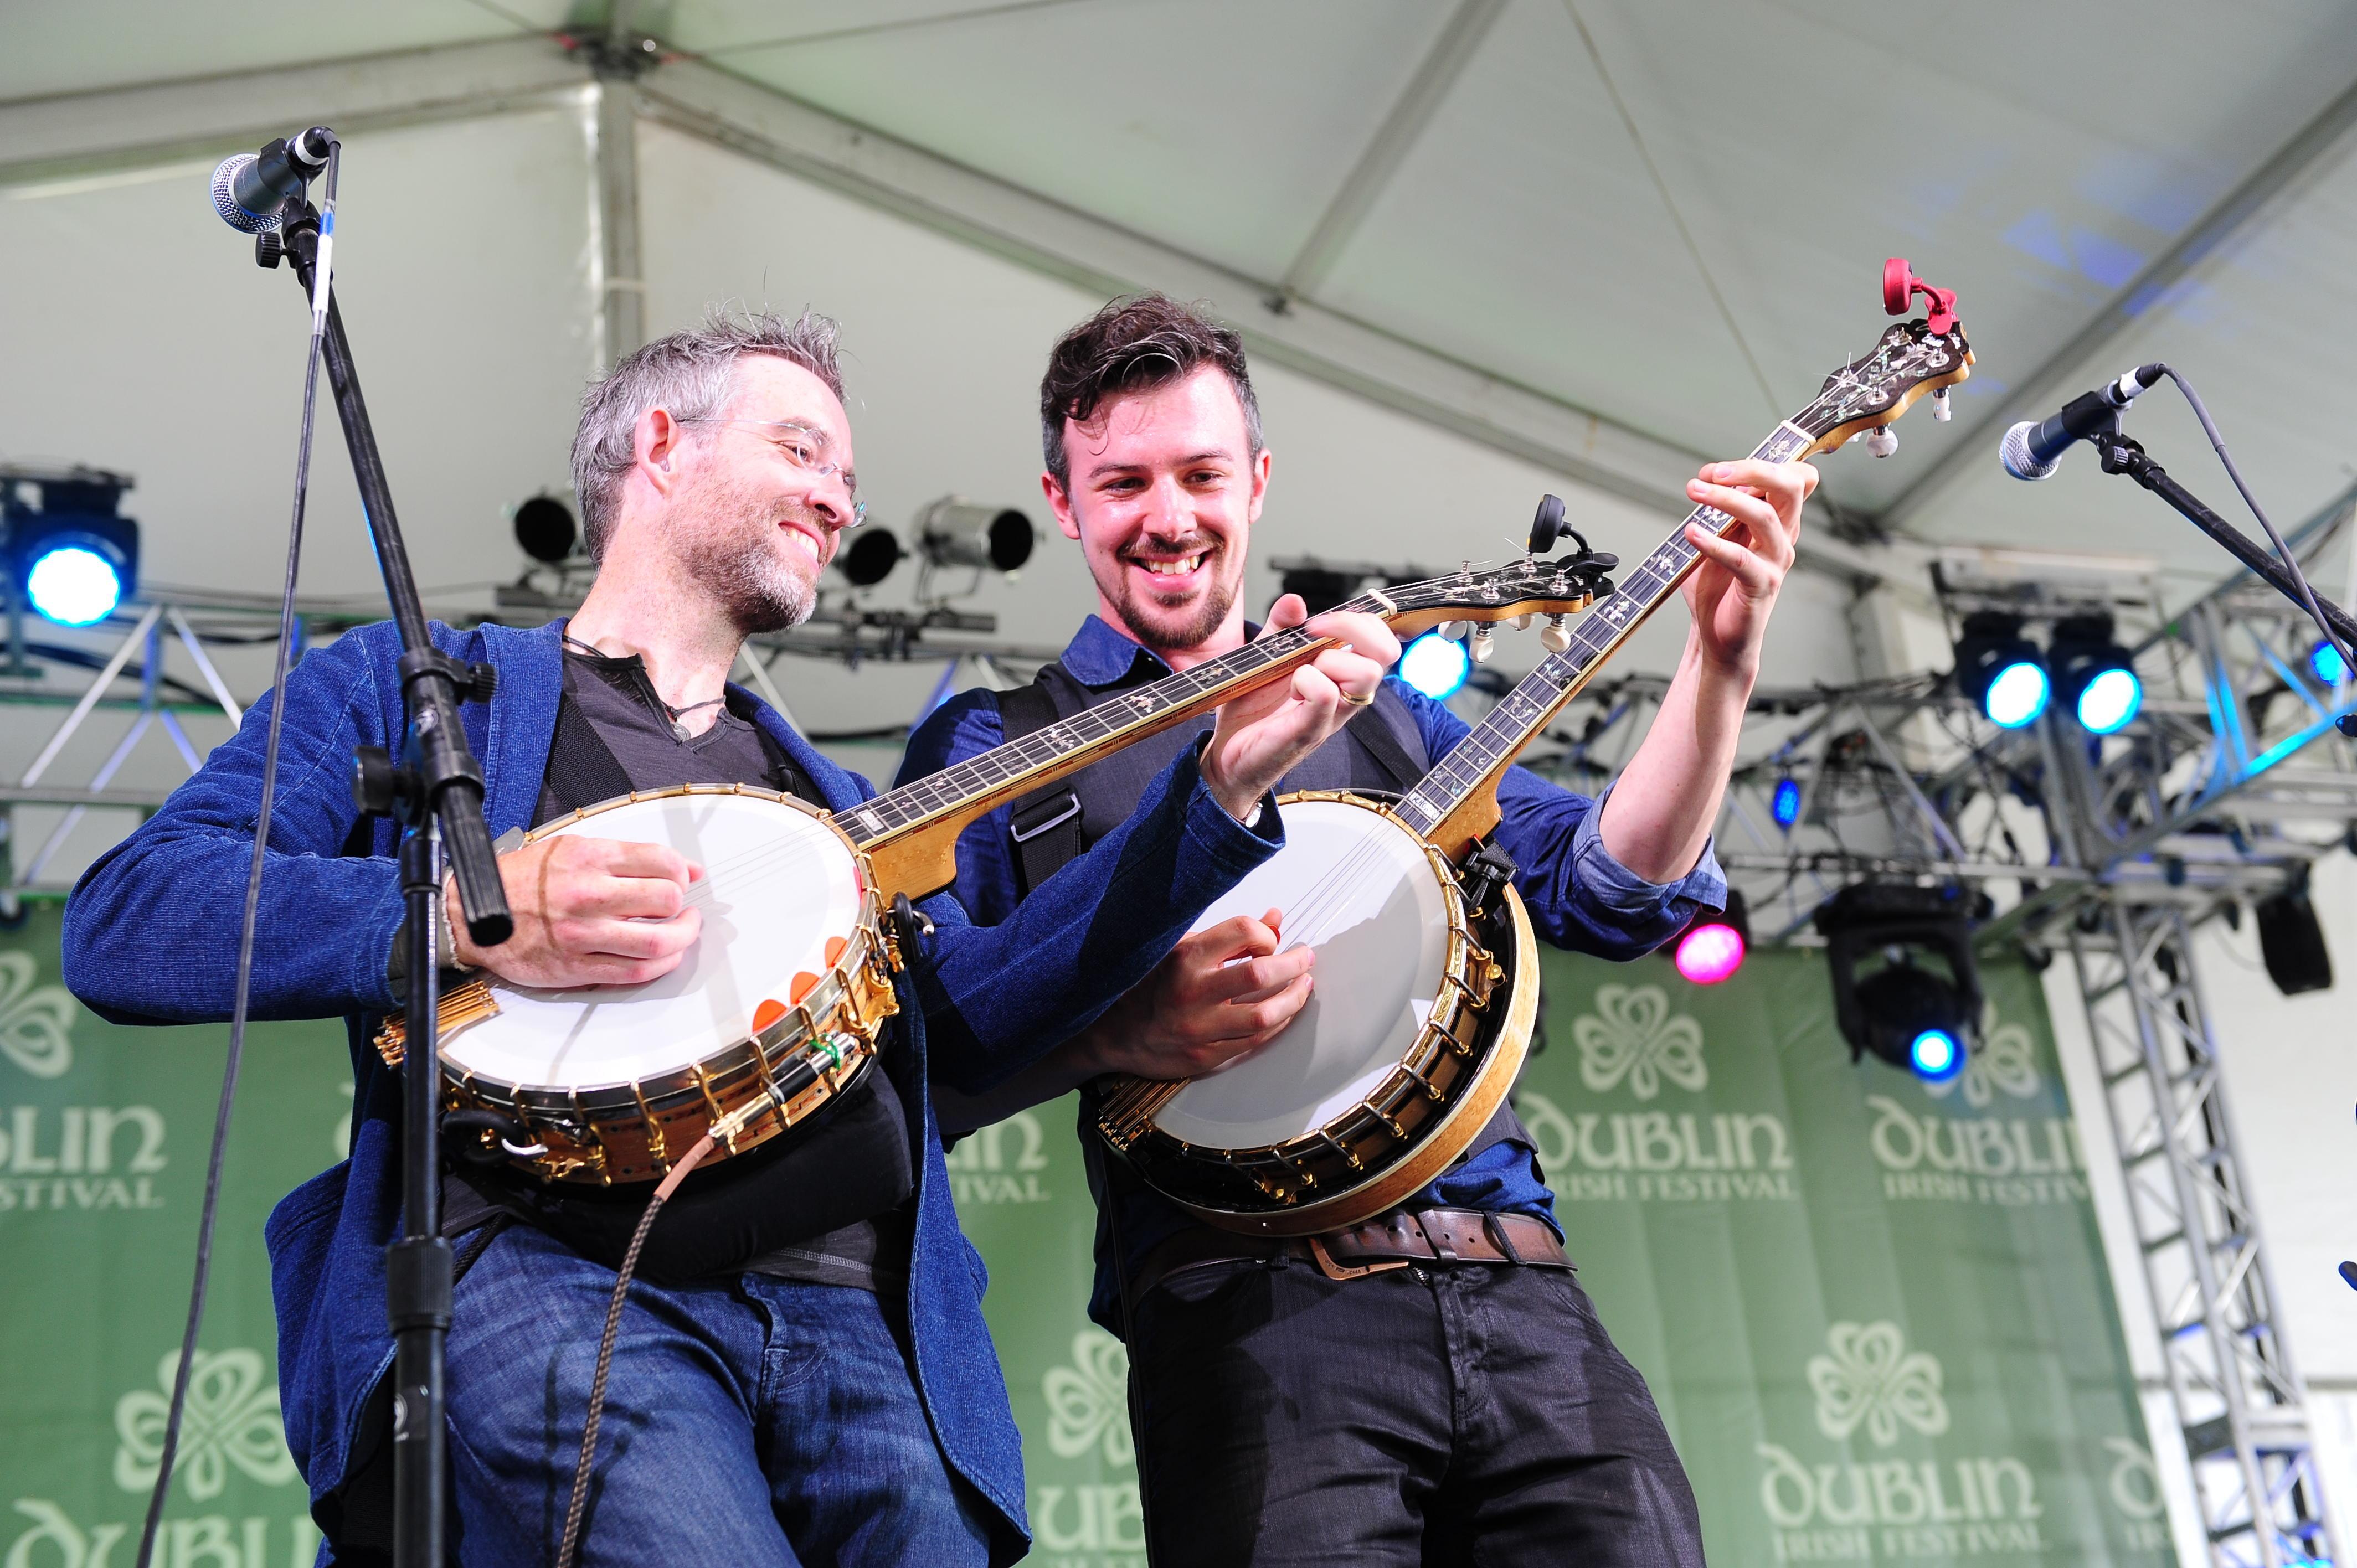 Musicians Kurtz Brothers Dublin